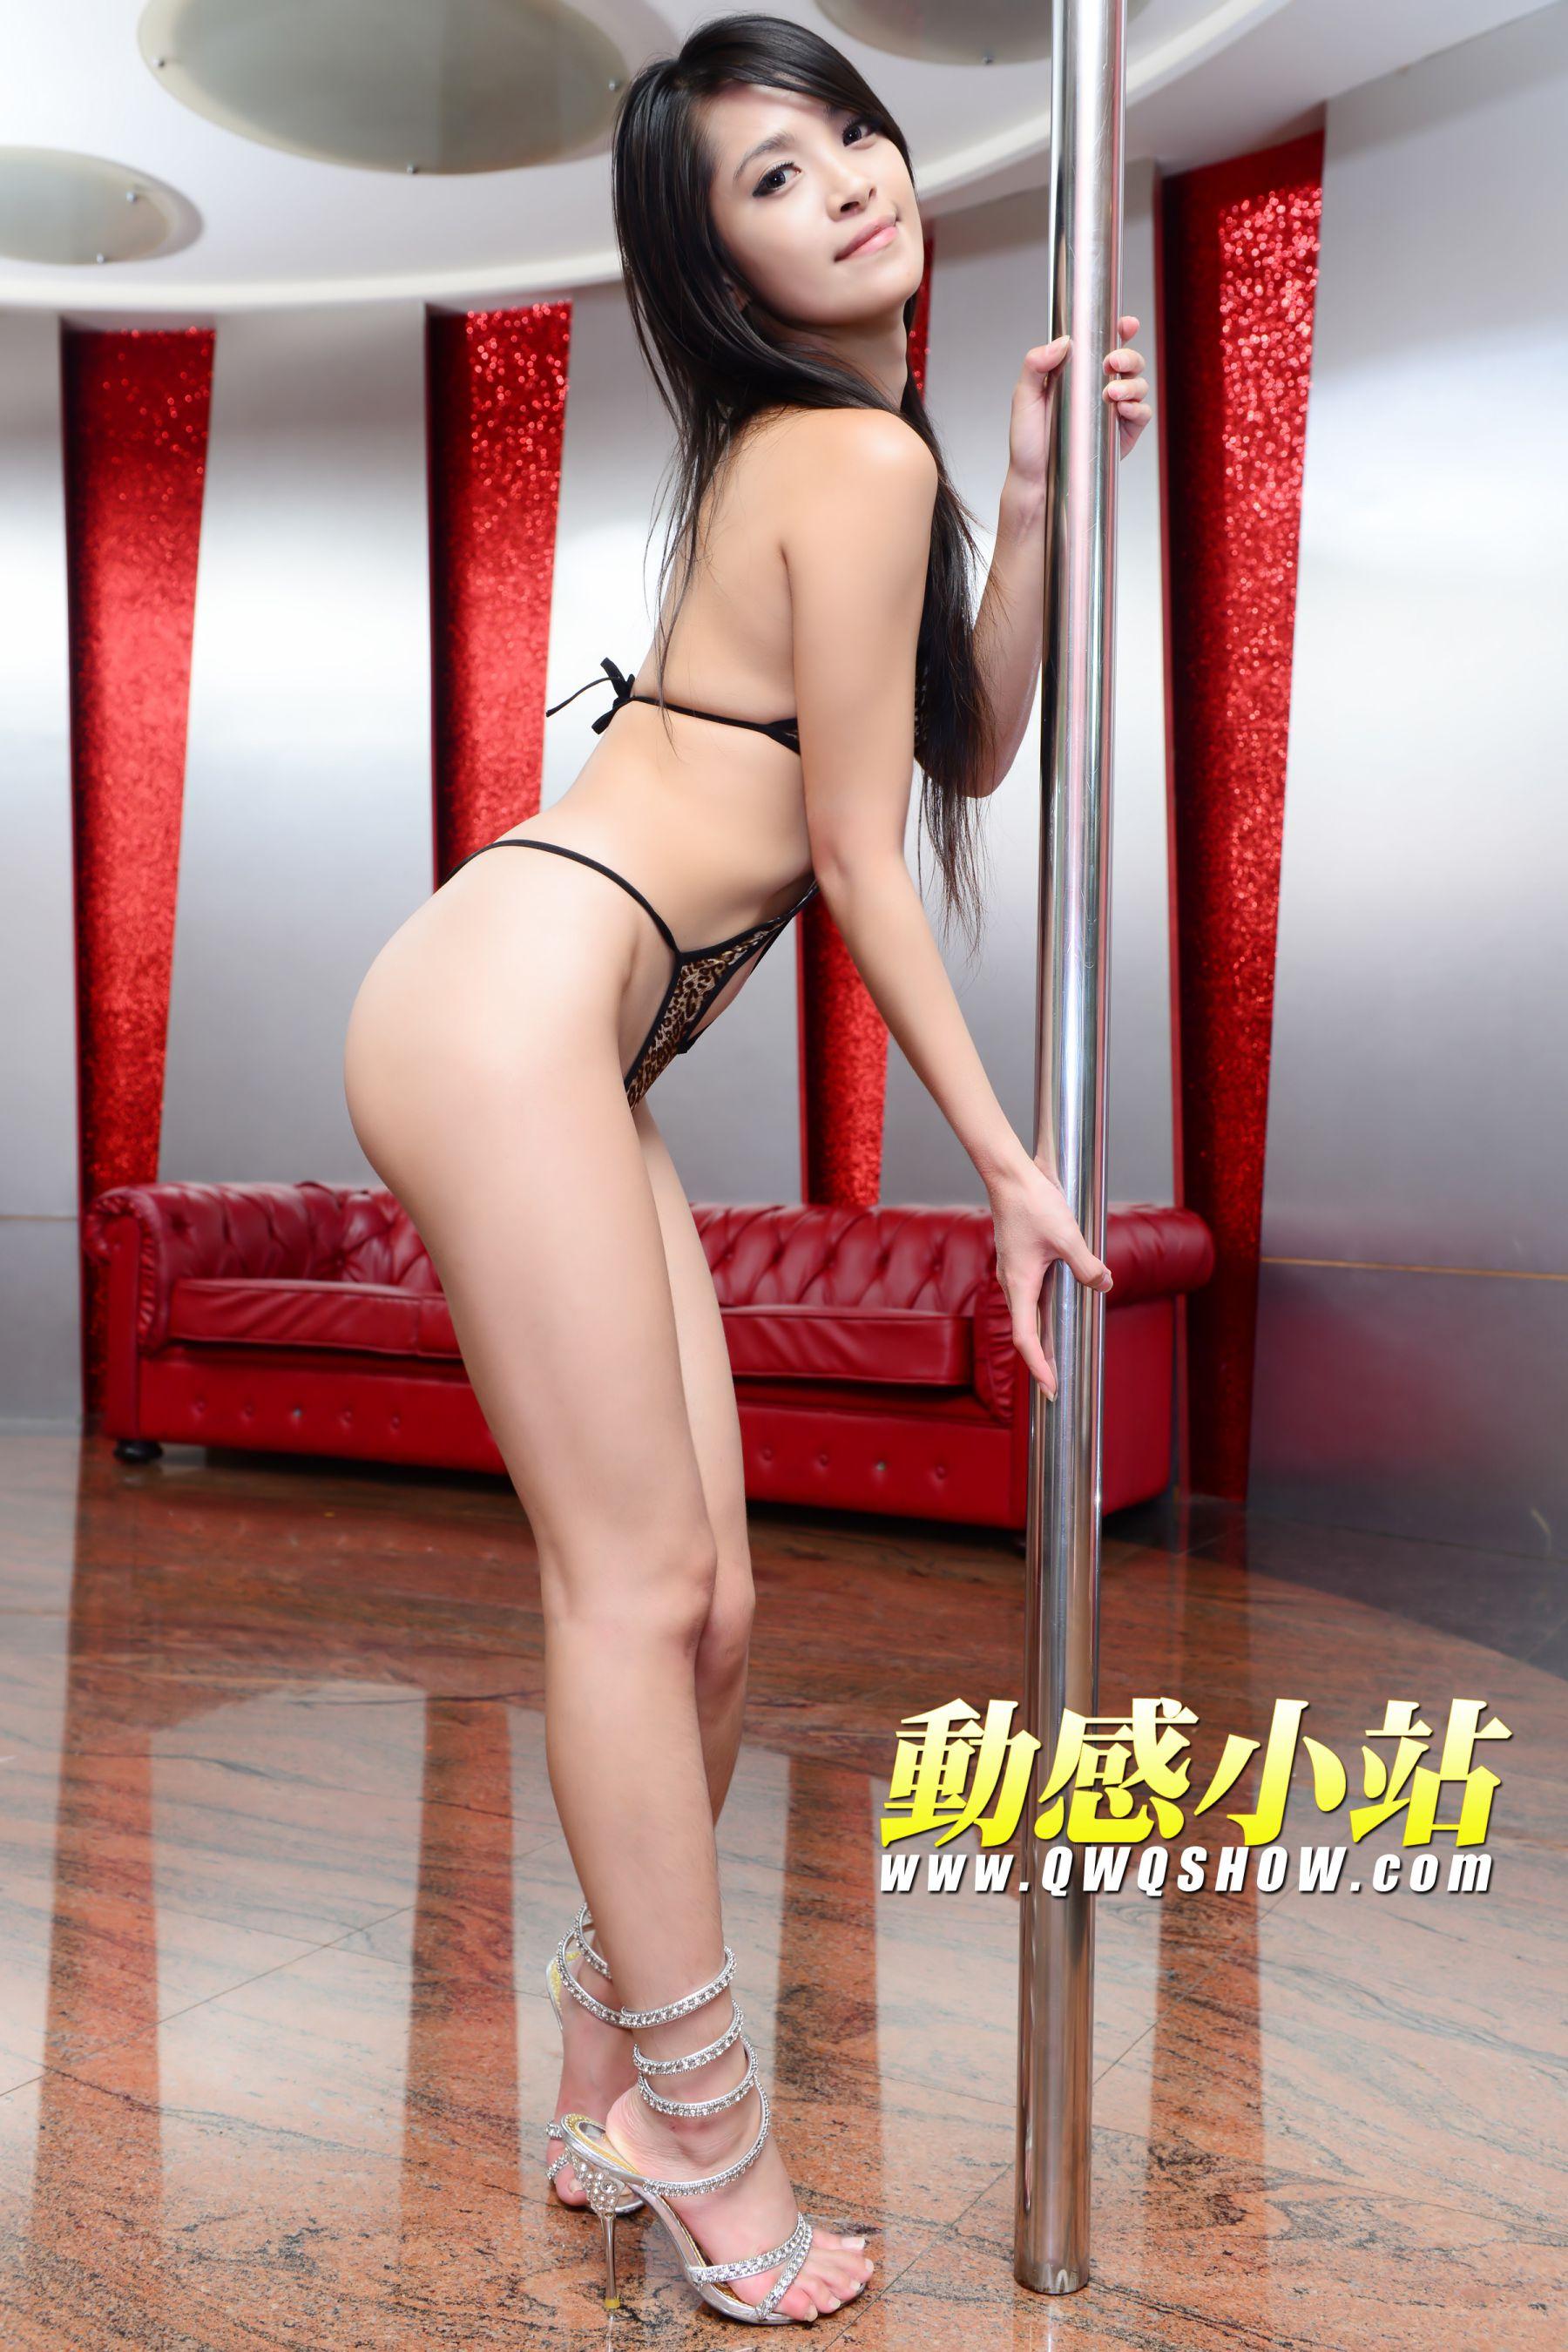 VOL.347 [动感之星]豹纹美女钢管舞:贝琪(动感小站贝琪,动感之星贝琪)高品质写真套图(34P)